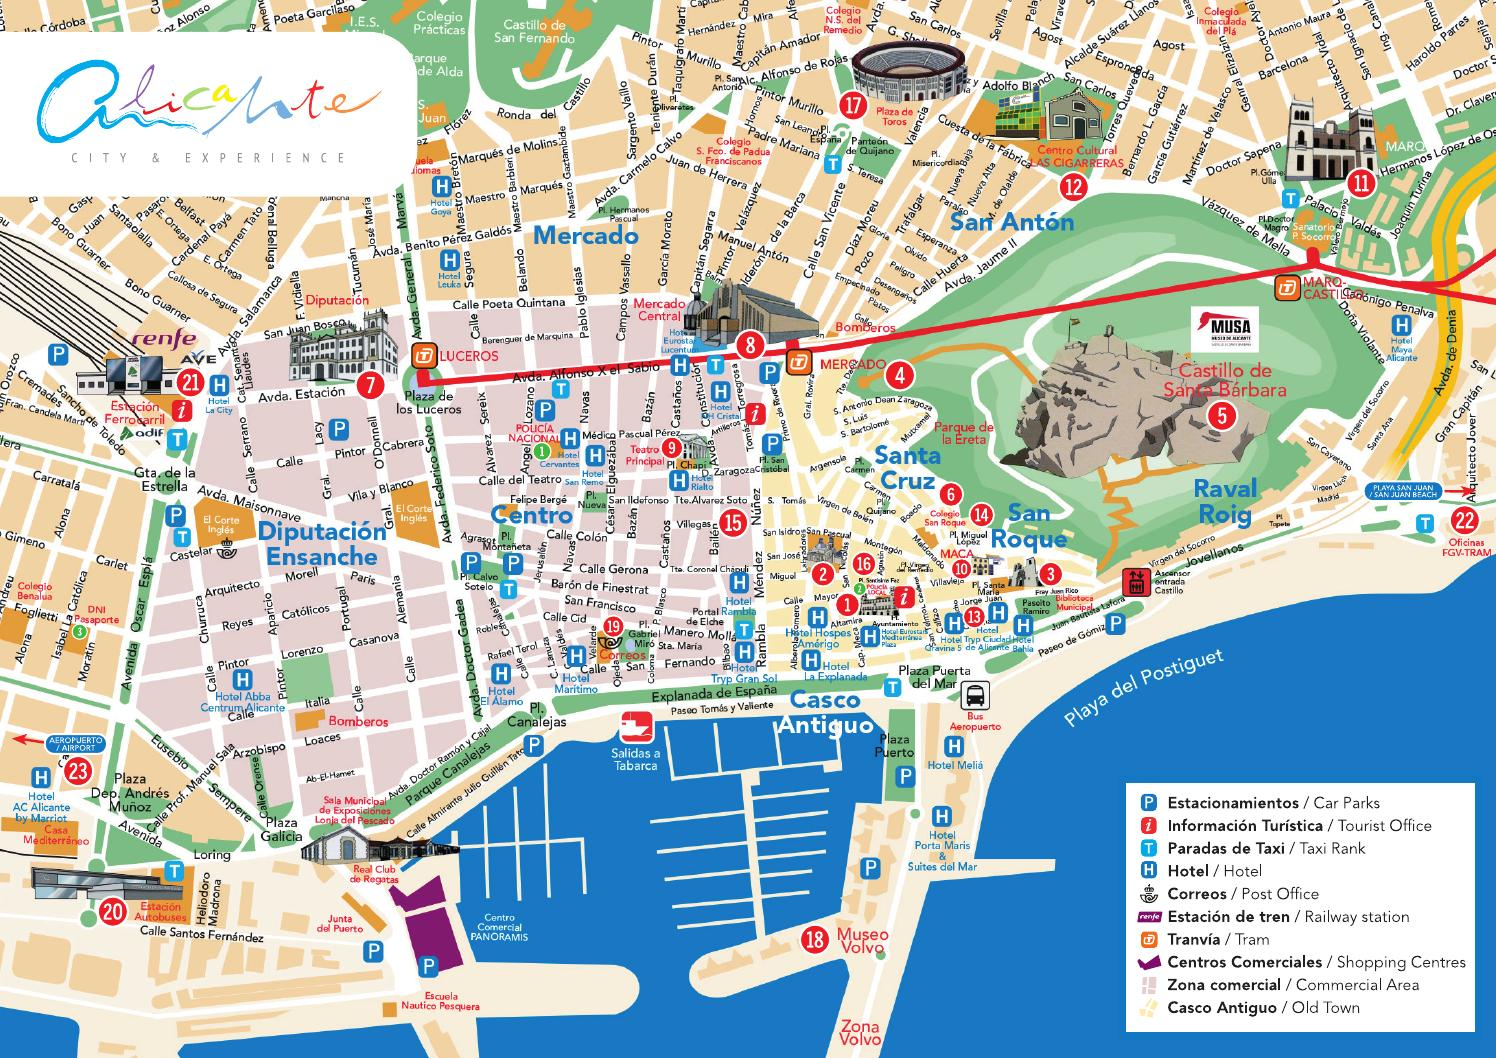 Plano Alicante Centro- Alicante center map by Alicante Turismo - issuu